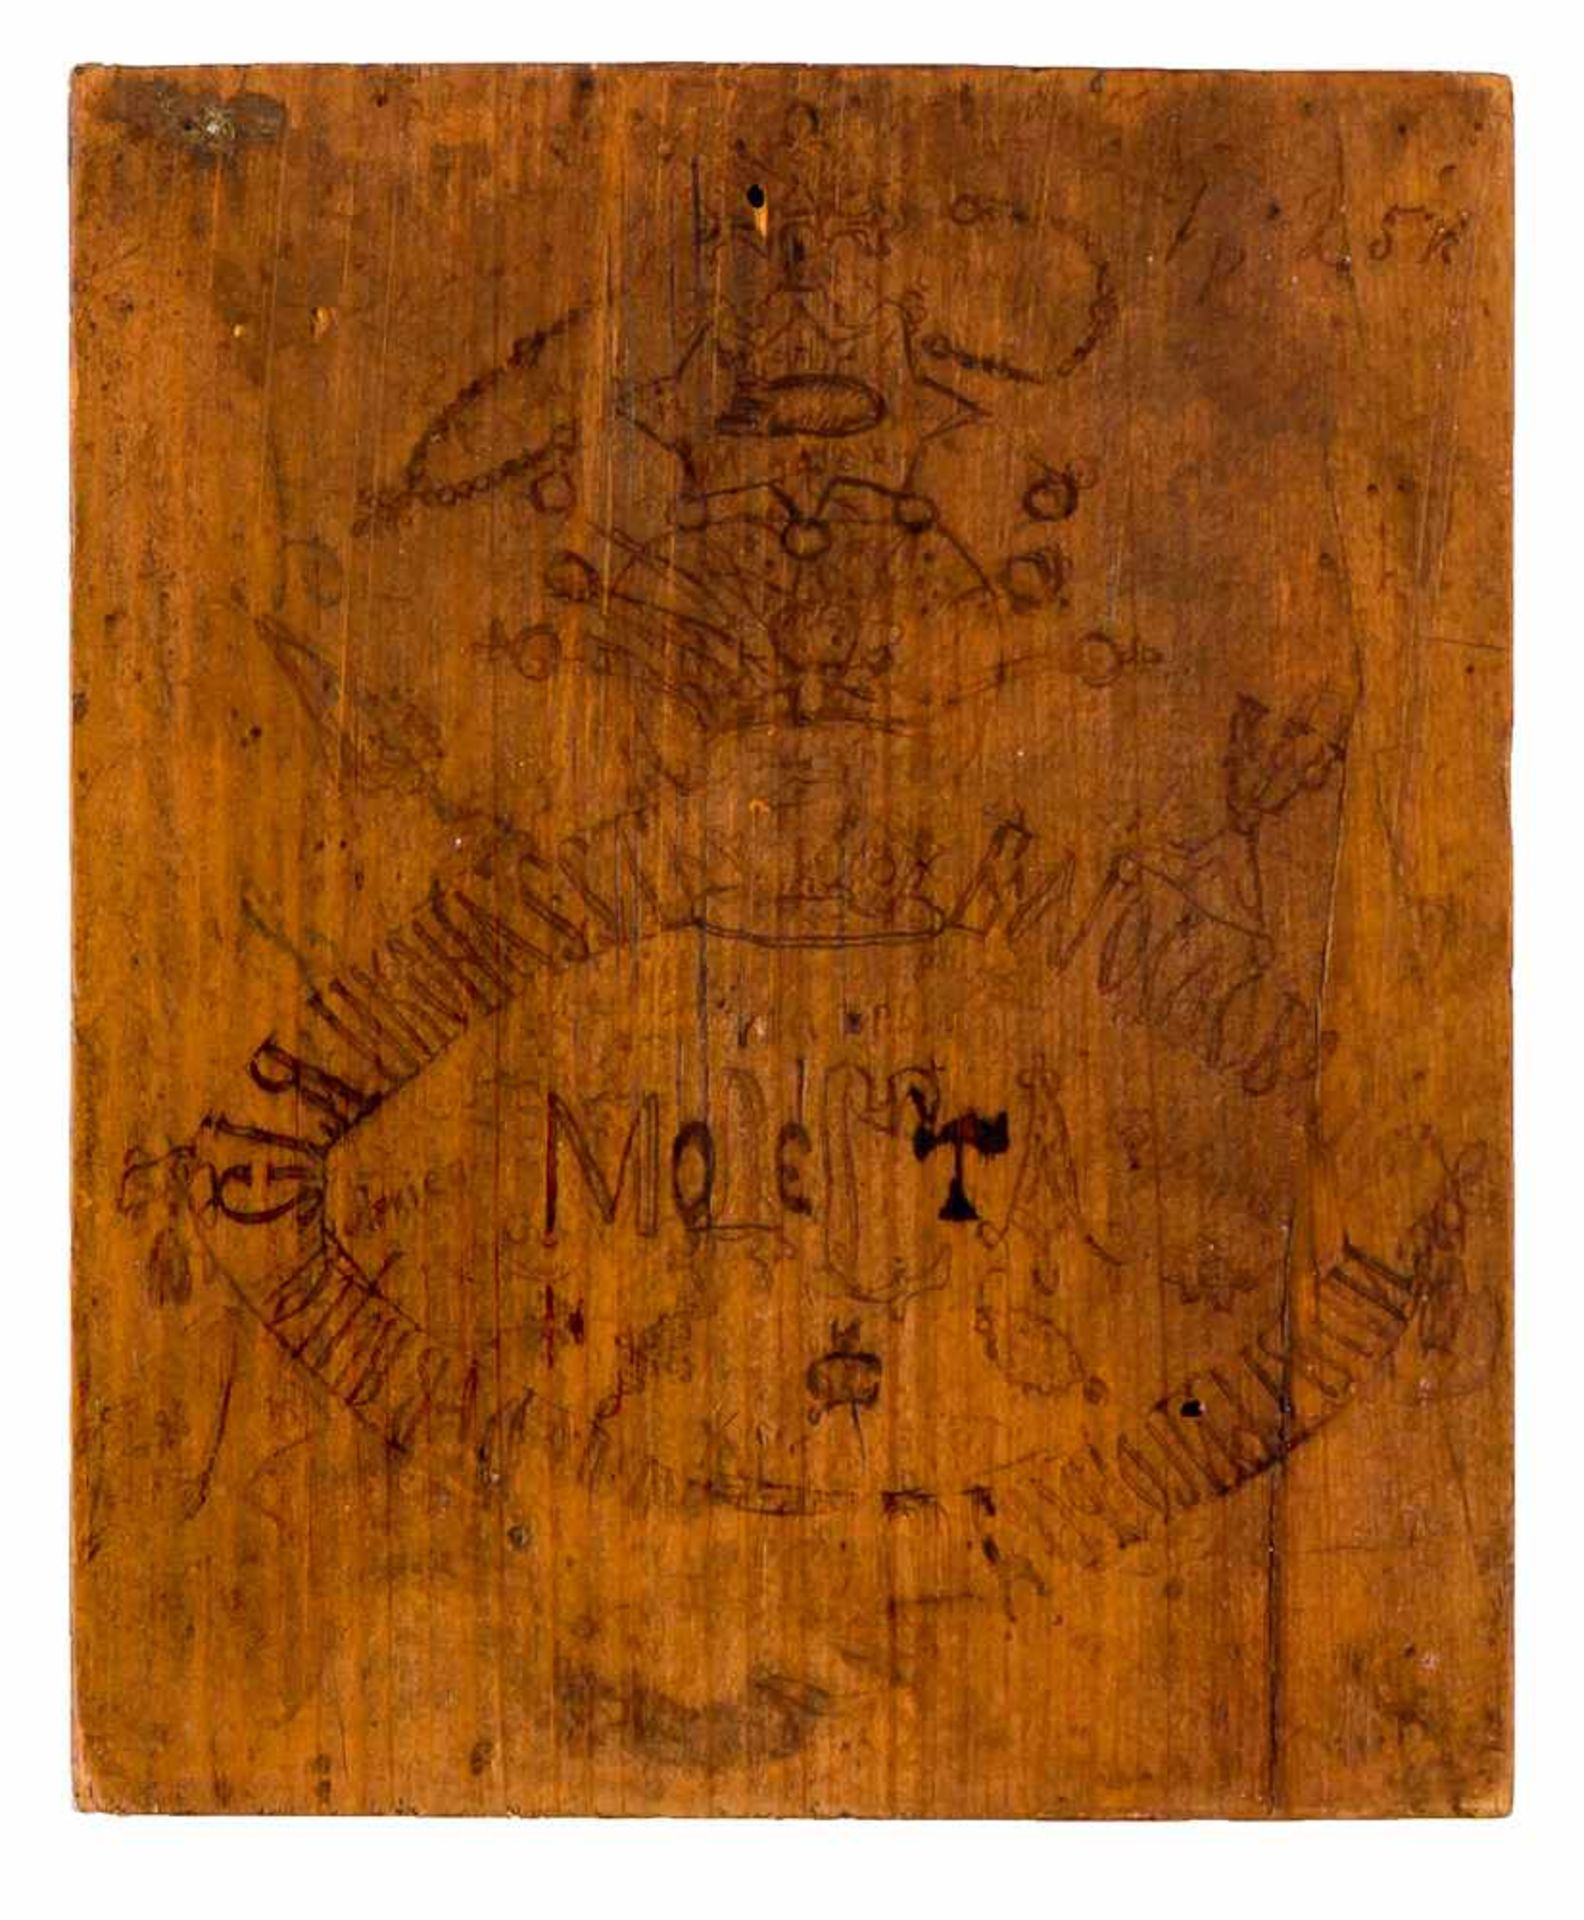 *Gottesmutter Pochaevskaja Russische Ikone, um 1900 13,2 x 11 cm Nach der Legende erschien im - Bild 2 aus 2